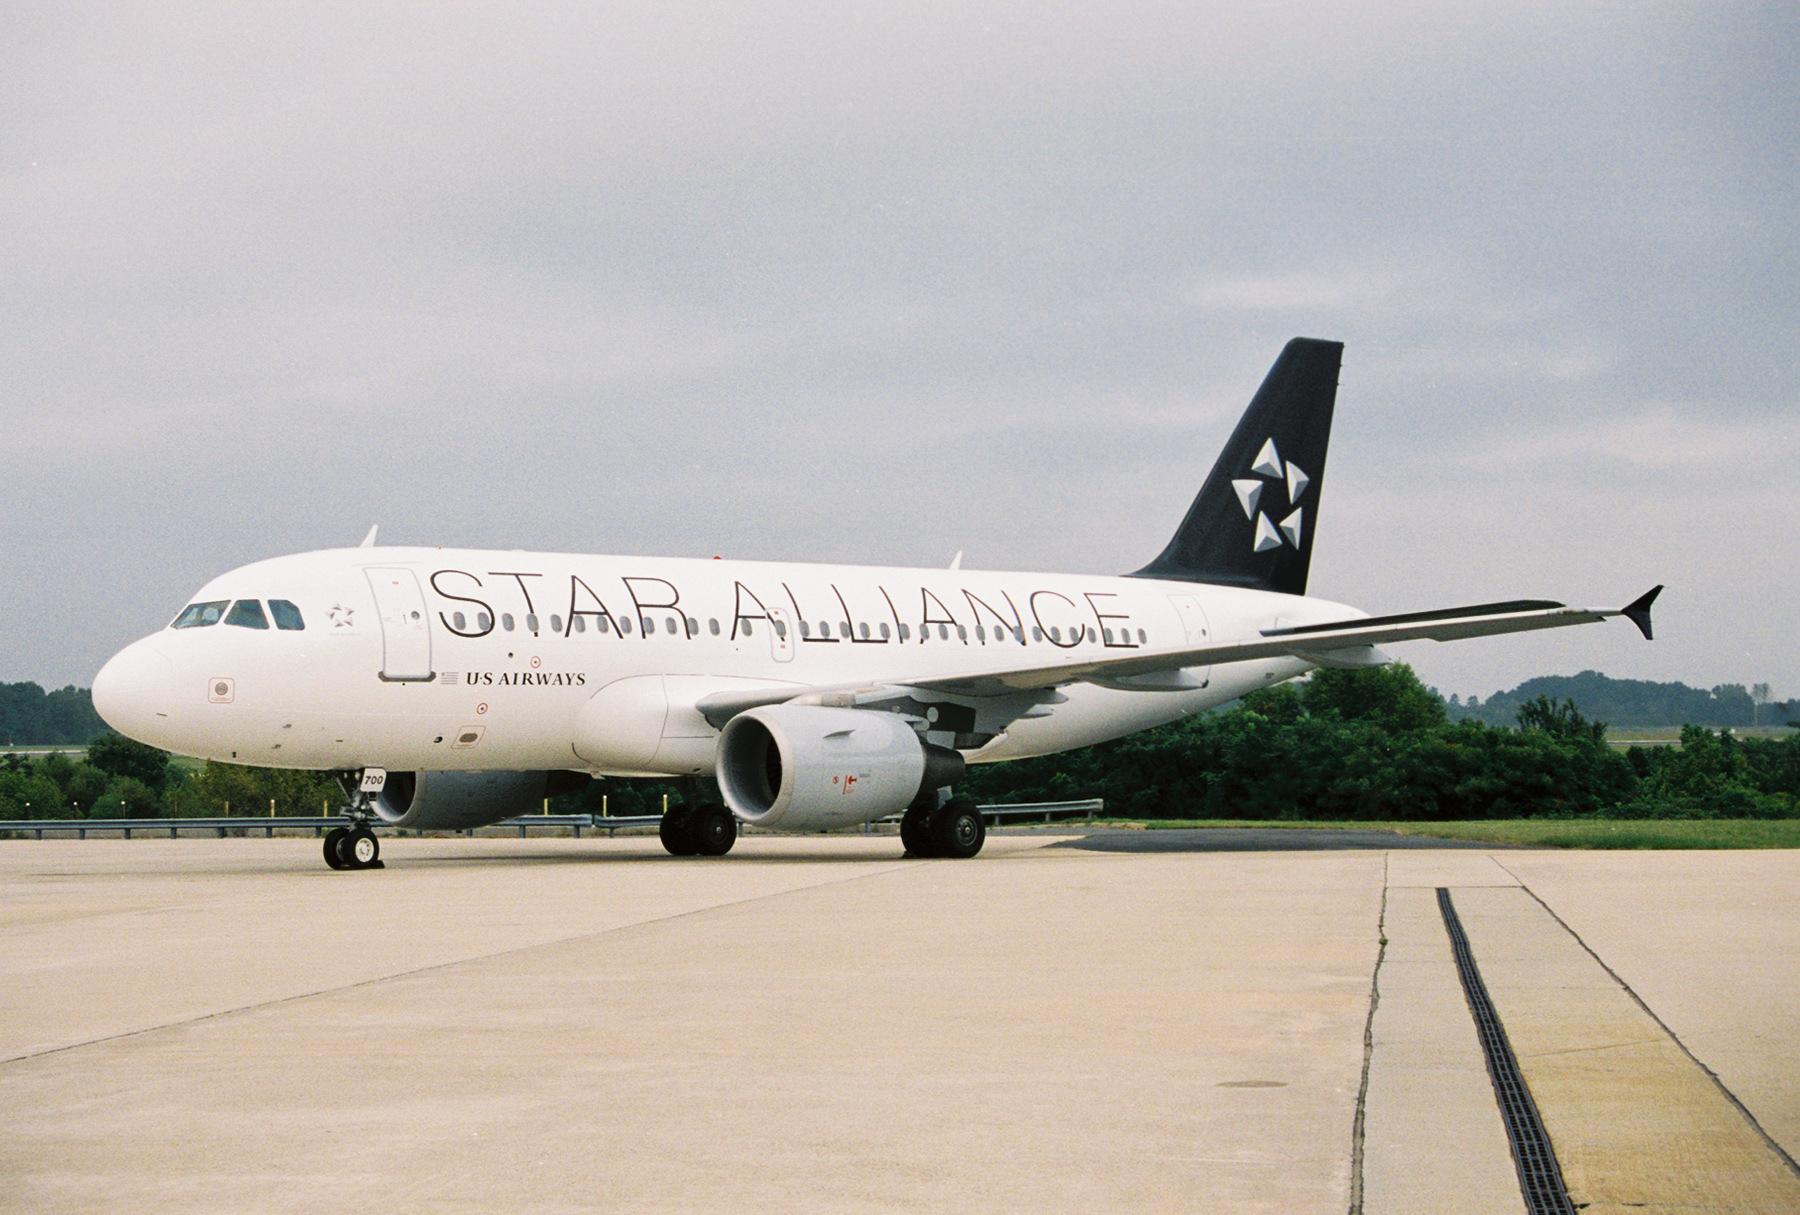 US_Airways_Star_Alliance_plane